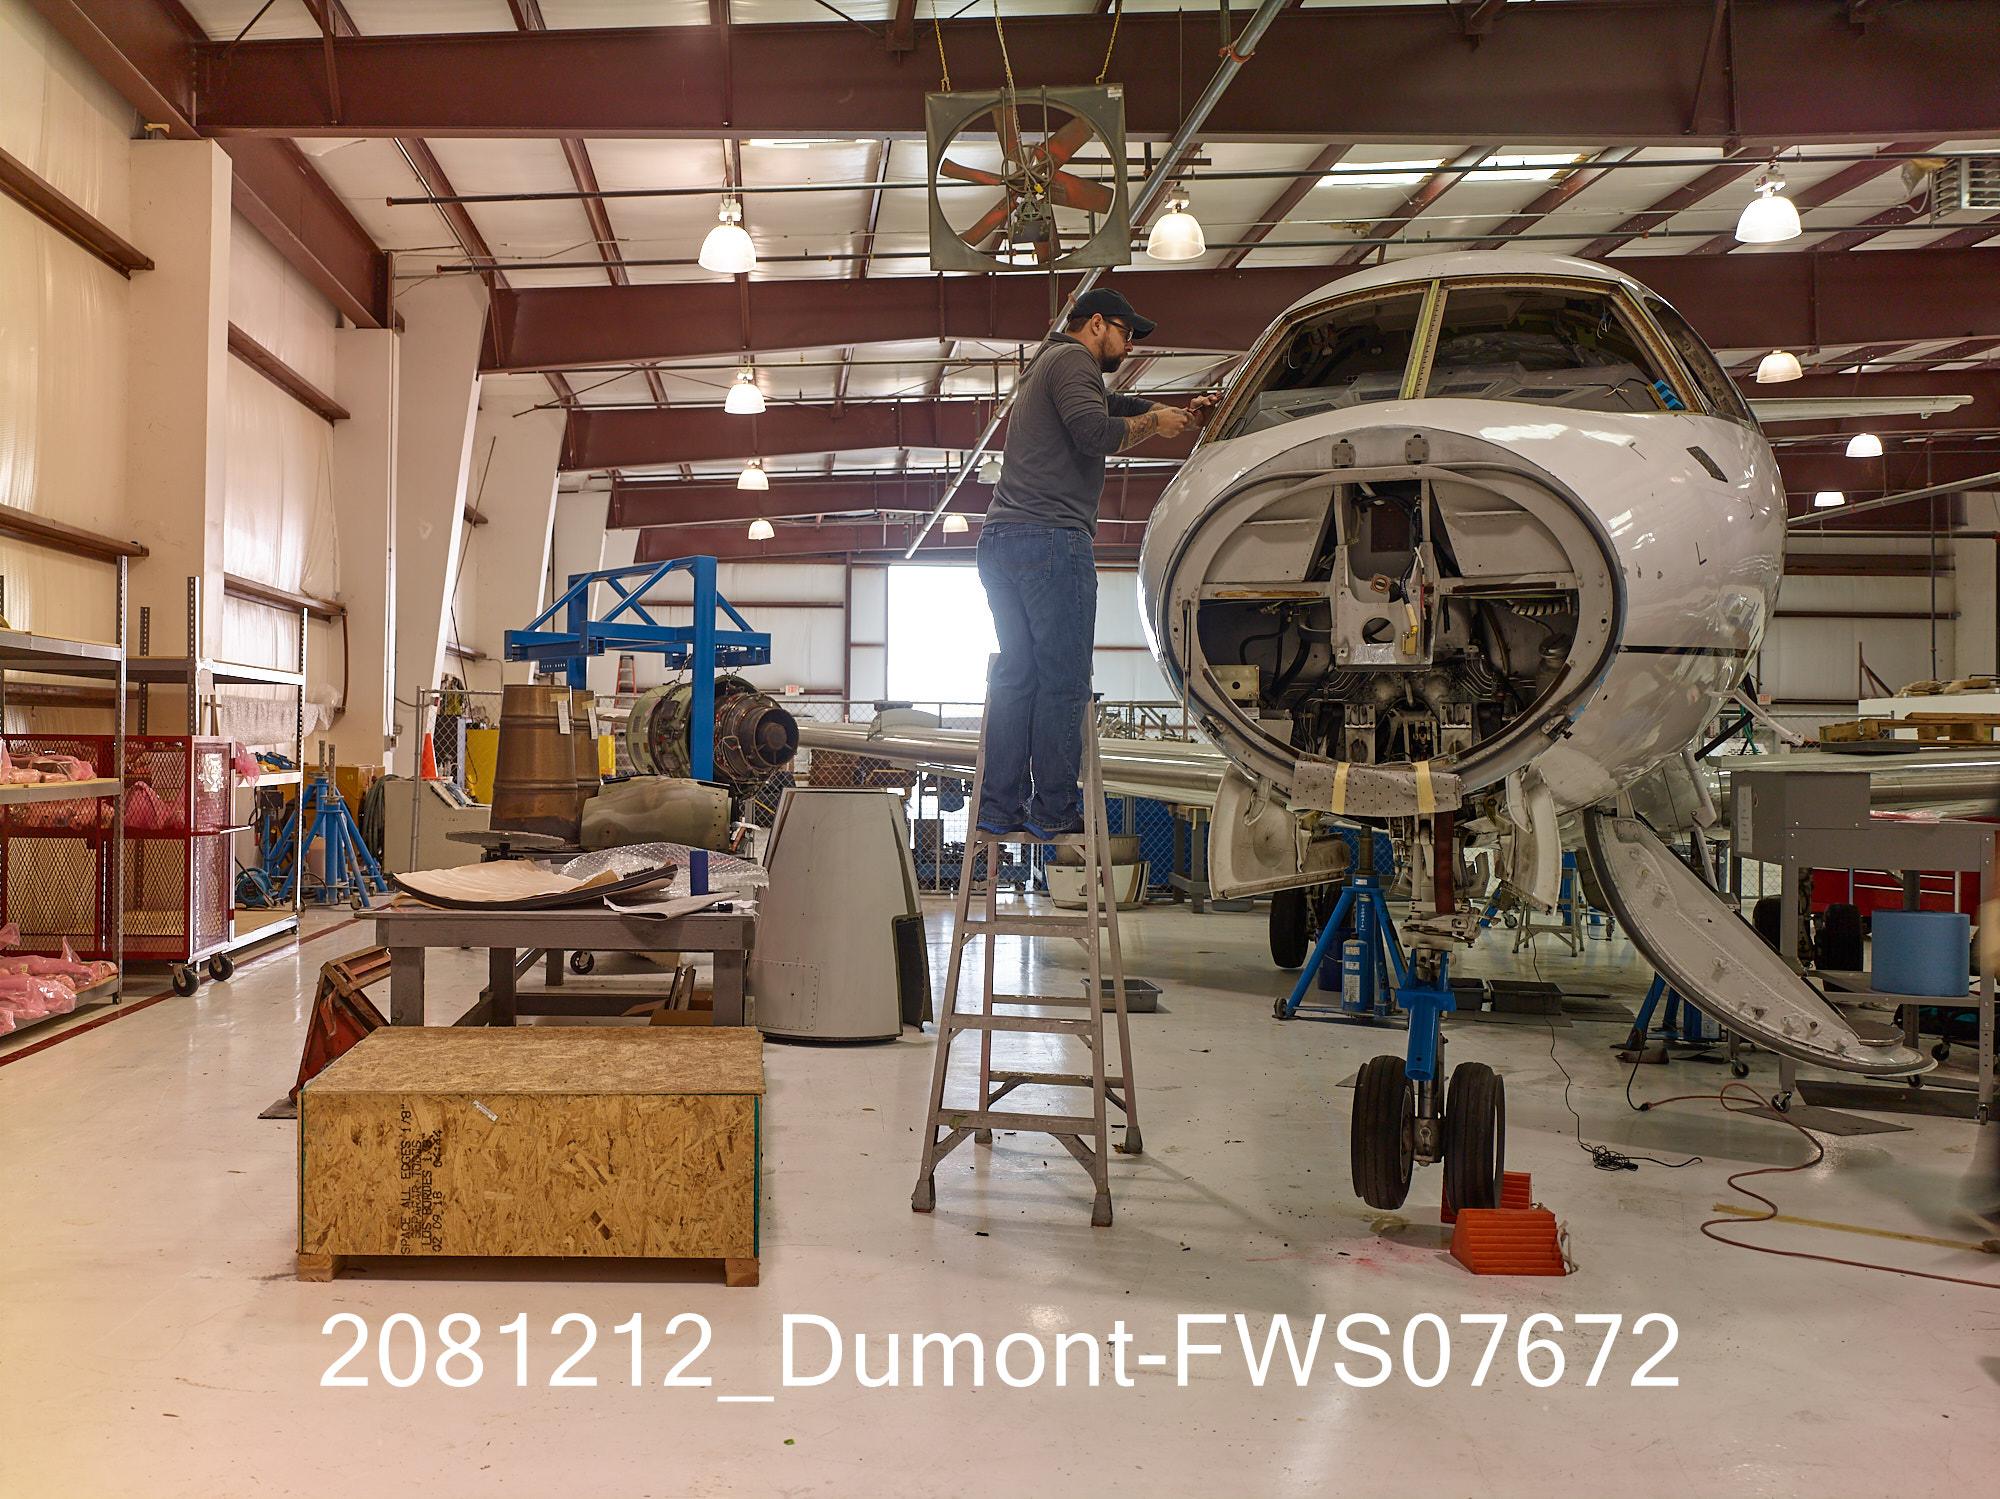 2081212_Dumont-FWS07672.jpg